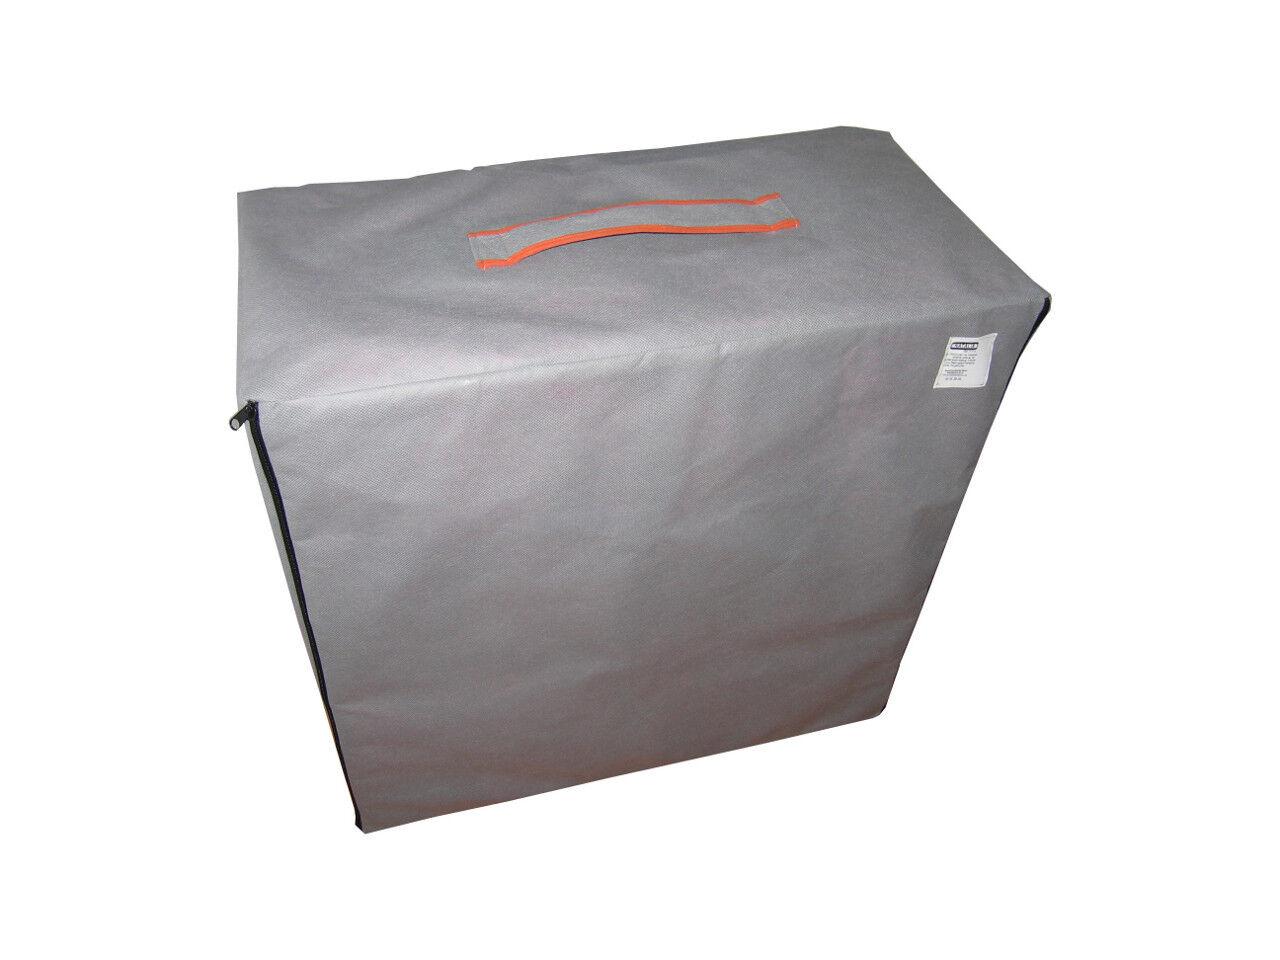 matelas lit futon pliable pliant 195 x 65 x 10 cm choix des couleurs ebay. Black Bedroom Furniture Sets. Home Design Ideas